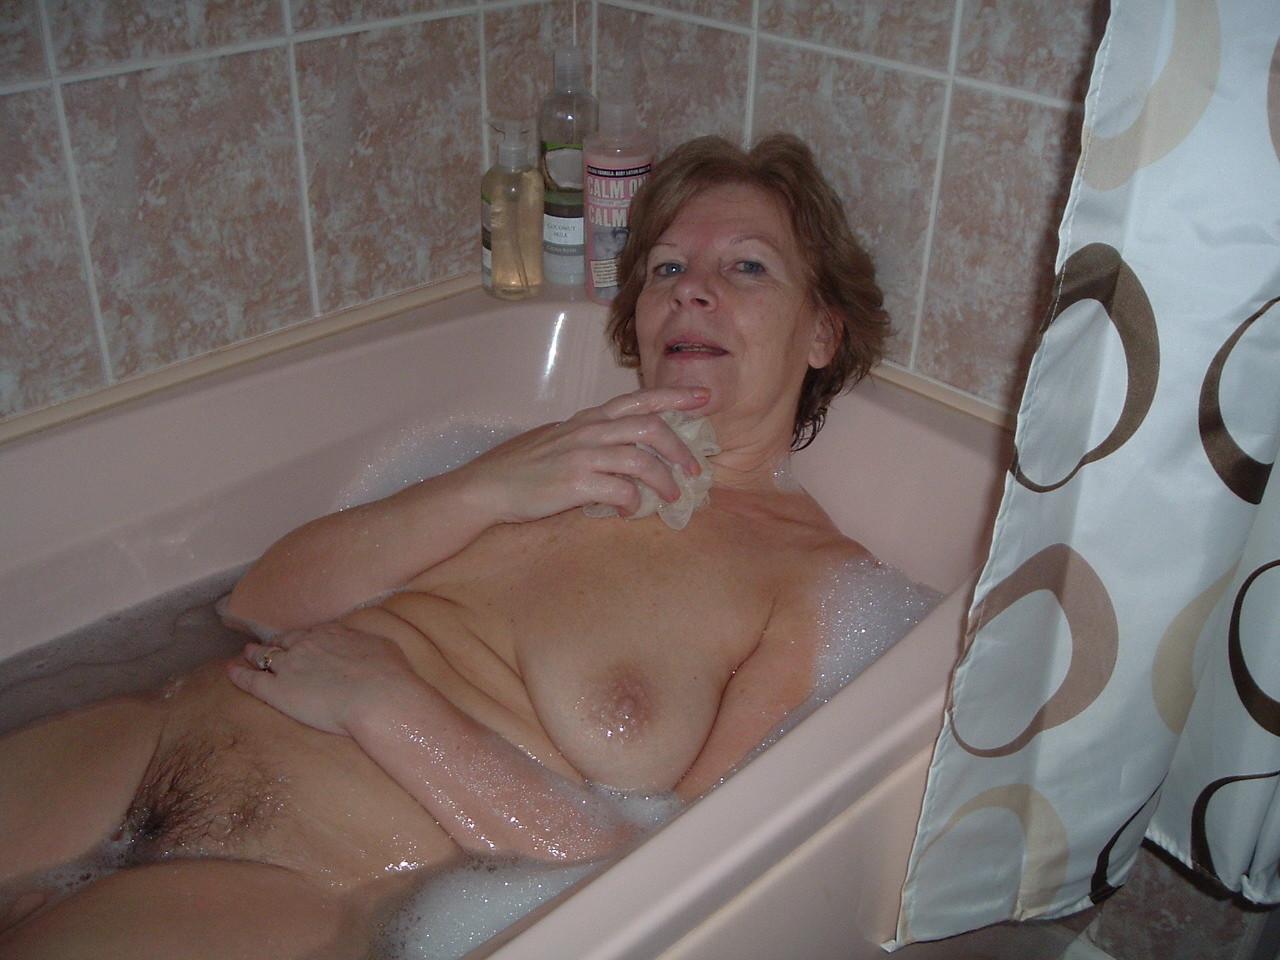 Посмотреть порно зрелые в ванной, Порно видео онлайн: В ваннойЗрелые 10 фотография